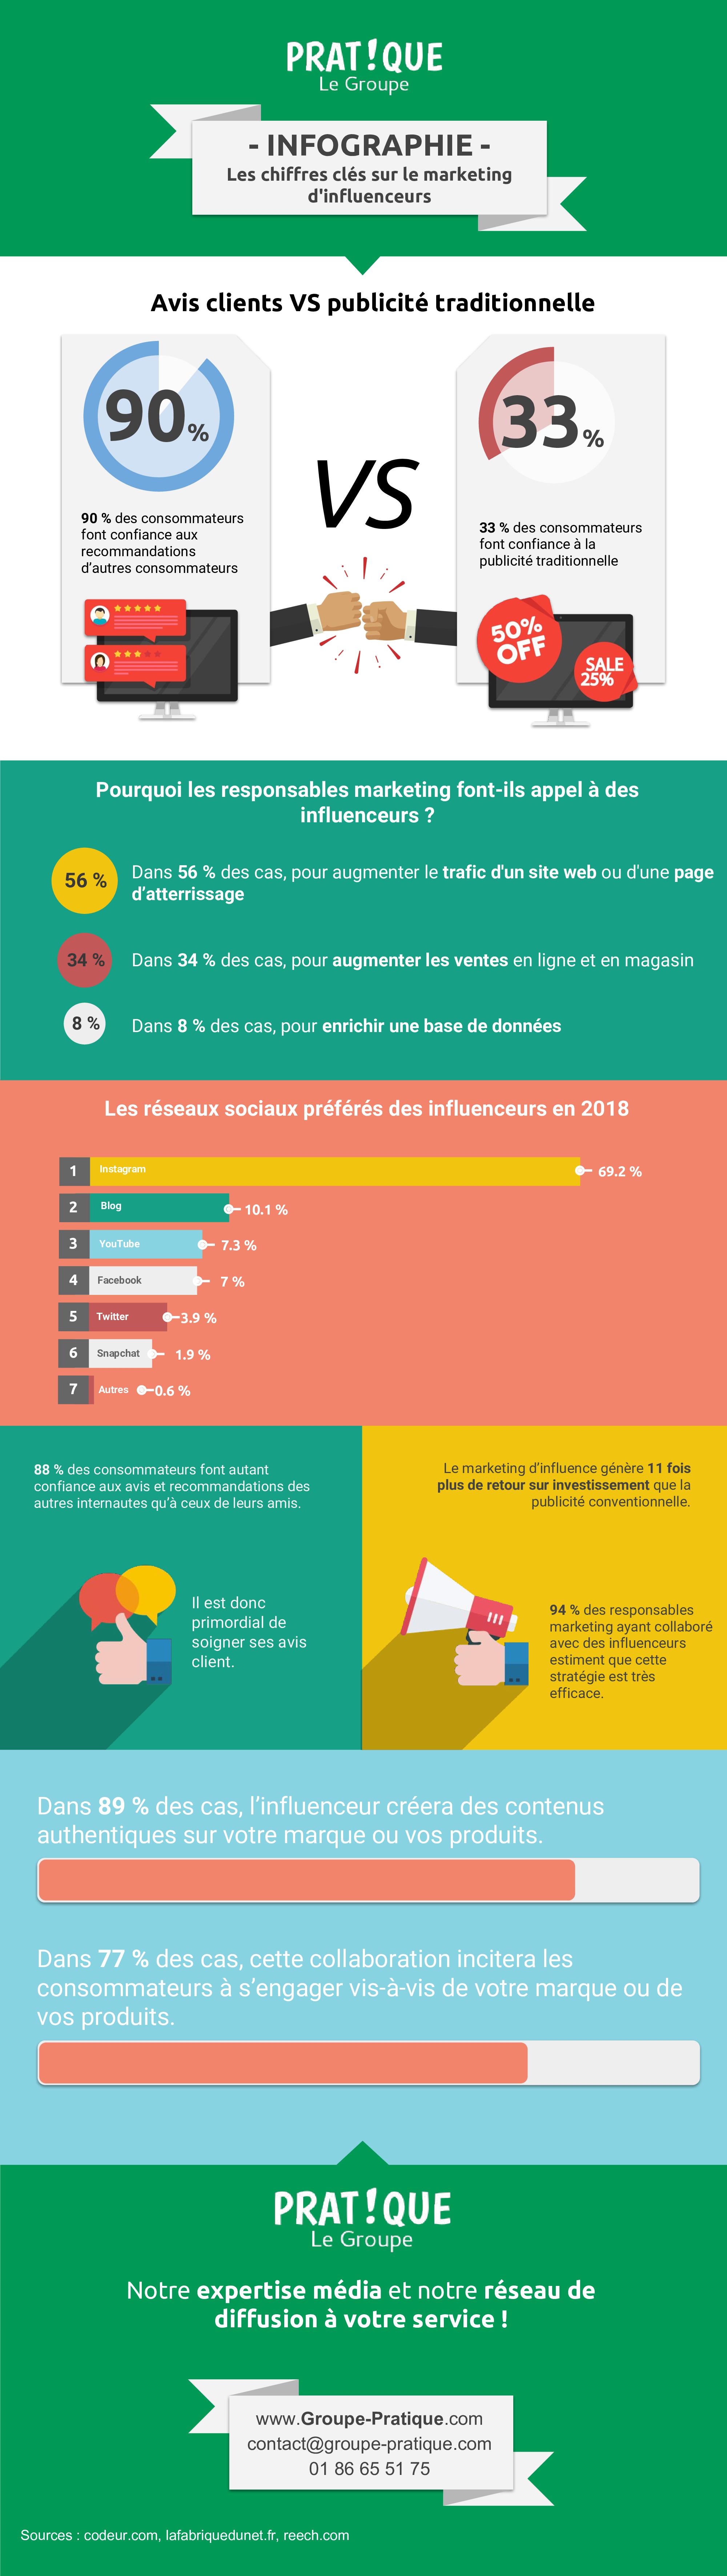 Les chiffres clés sur le marketing d'influenceurs